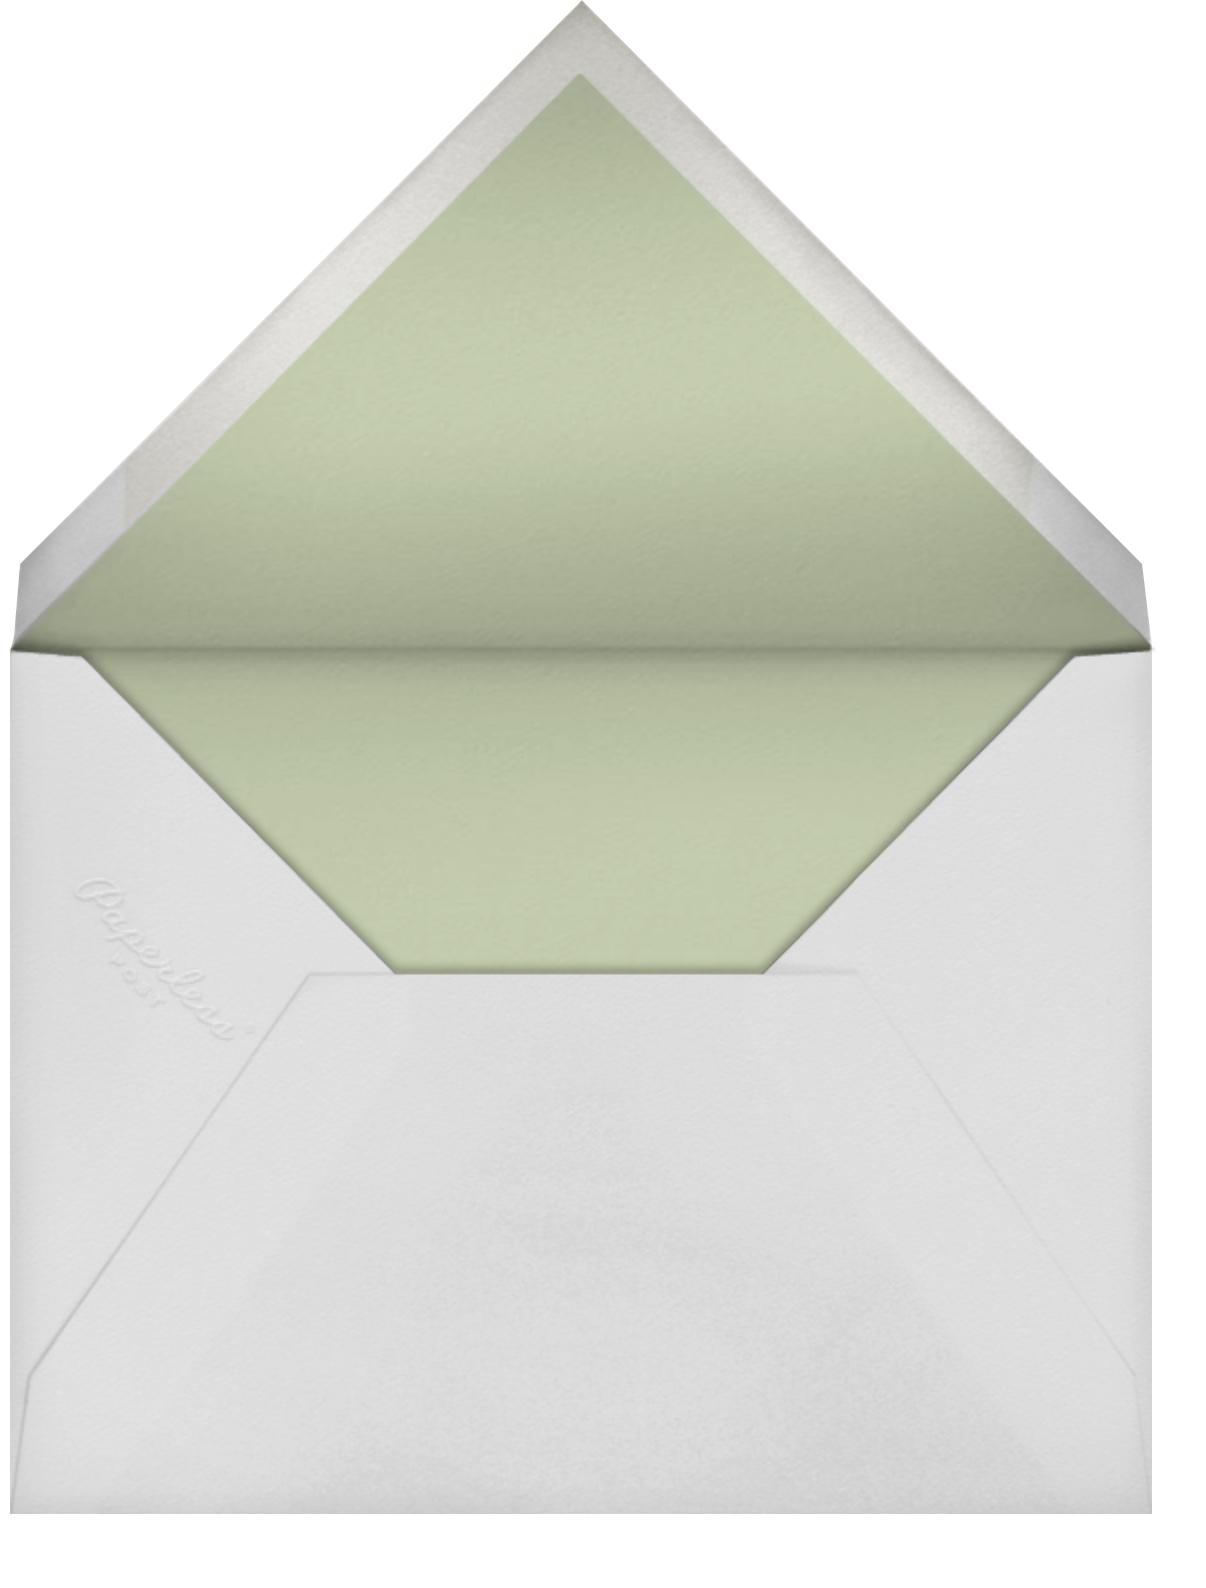 Love Nest (Invitation) - Paperless Post - Baby shower - envelope back